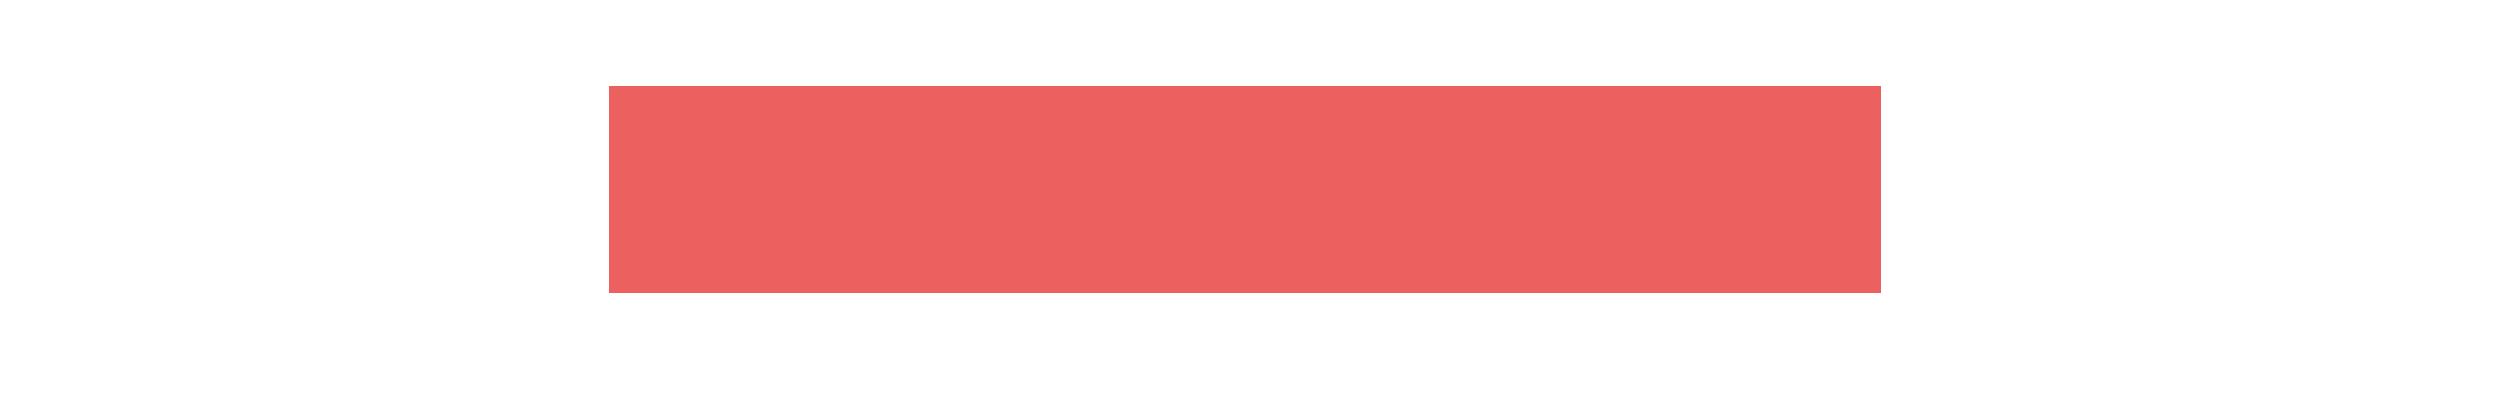 Banner-DAN-LAM.png